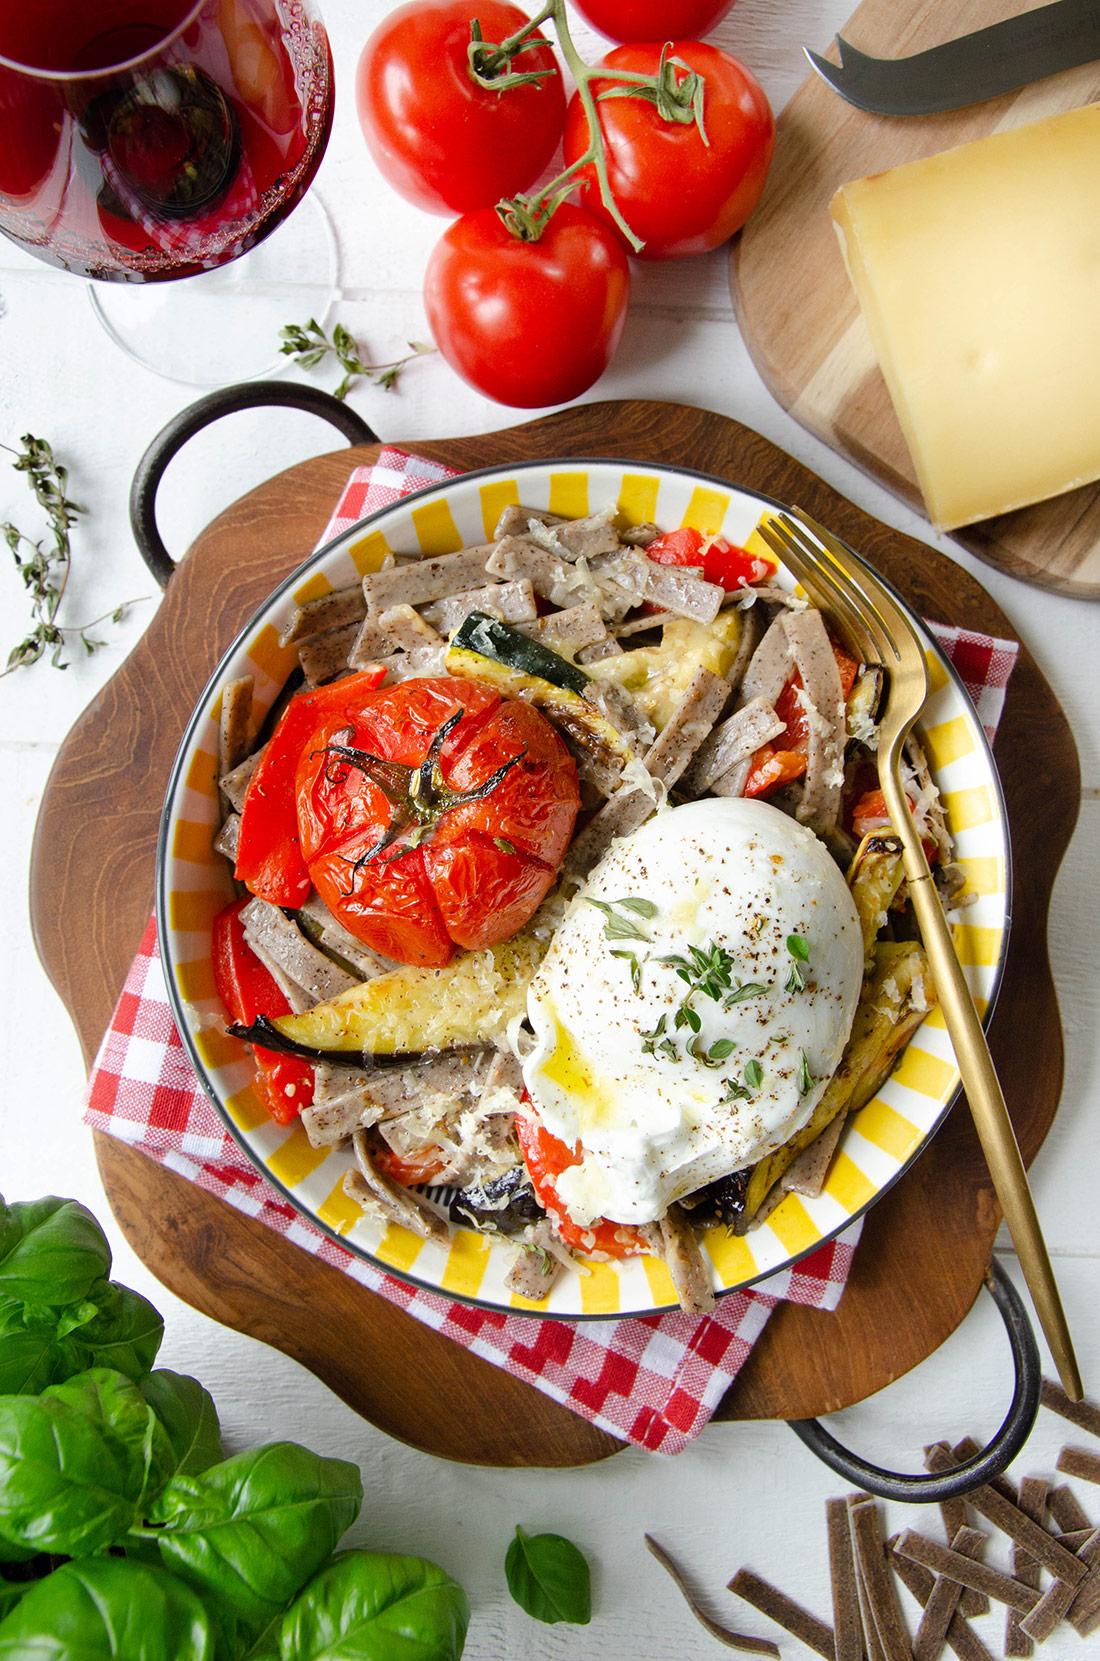 Pizzoccheri légumes et fromage bitto DOP